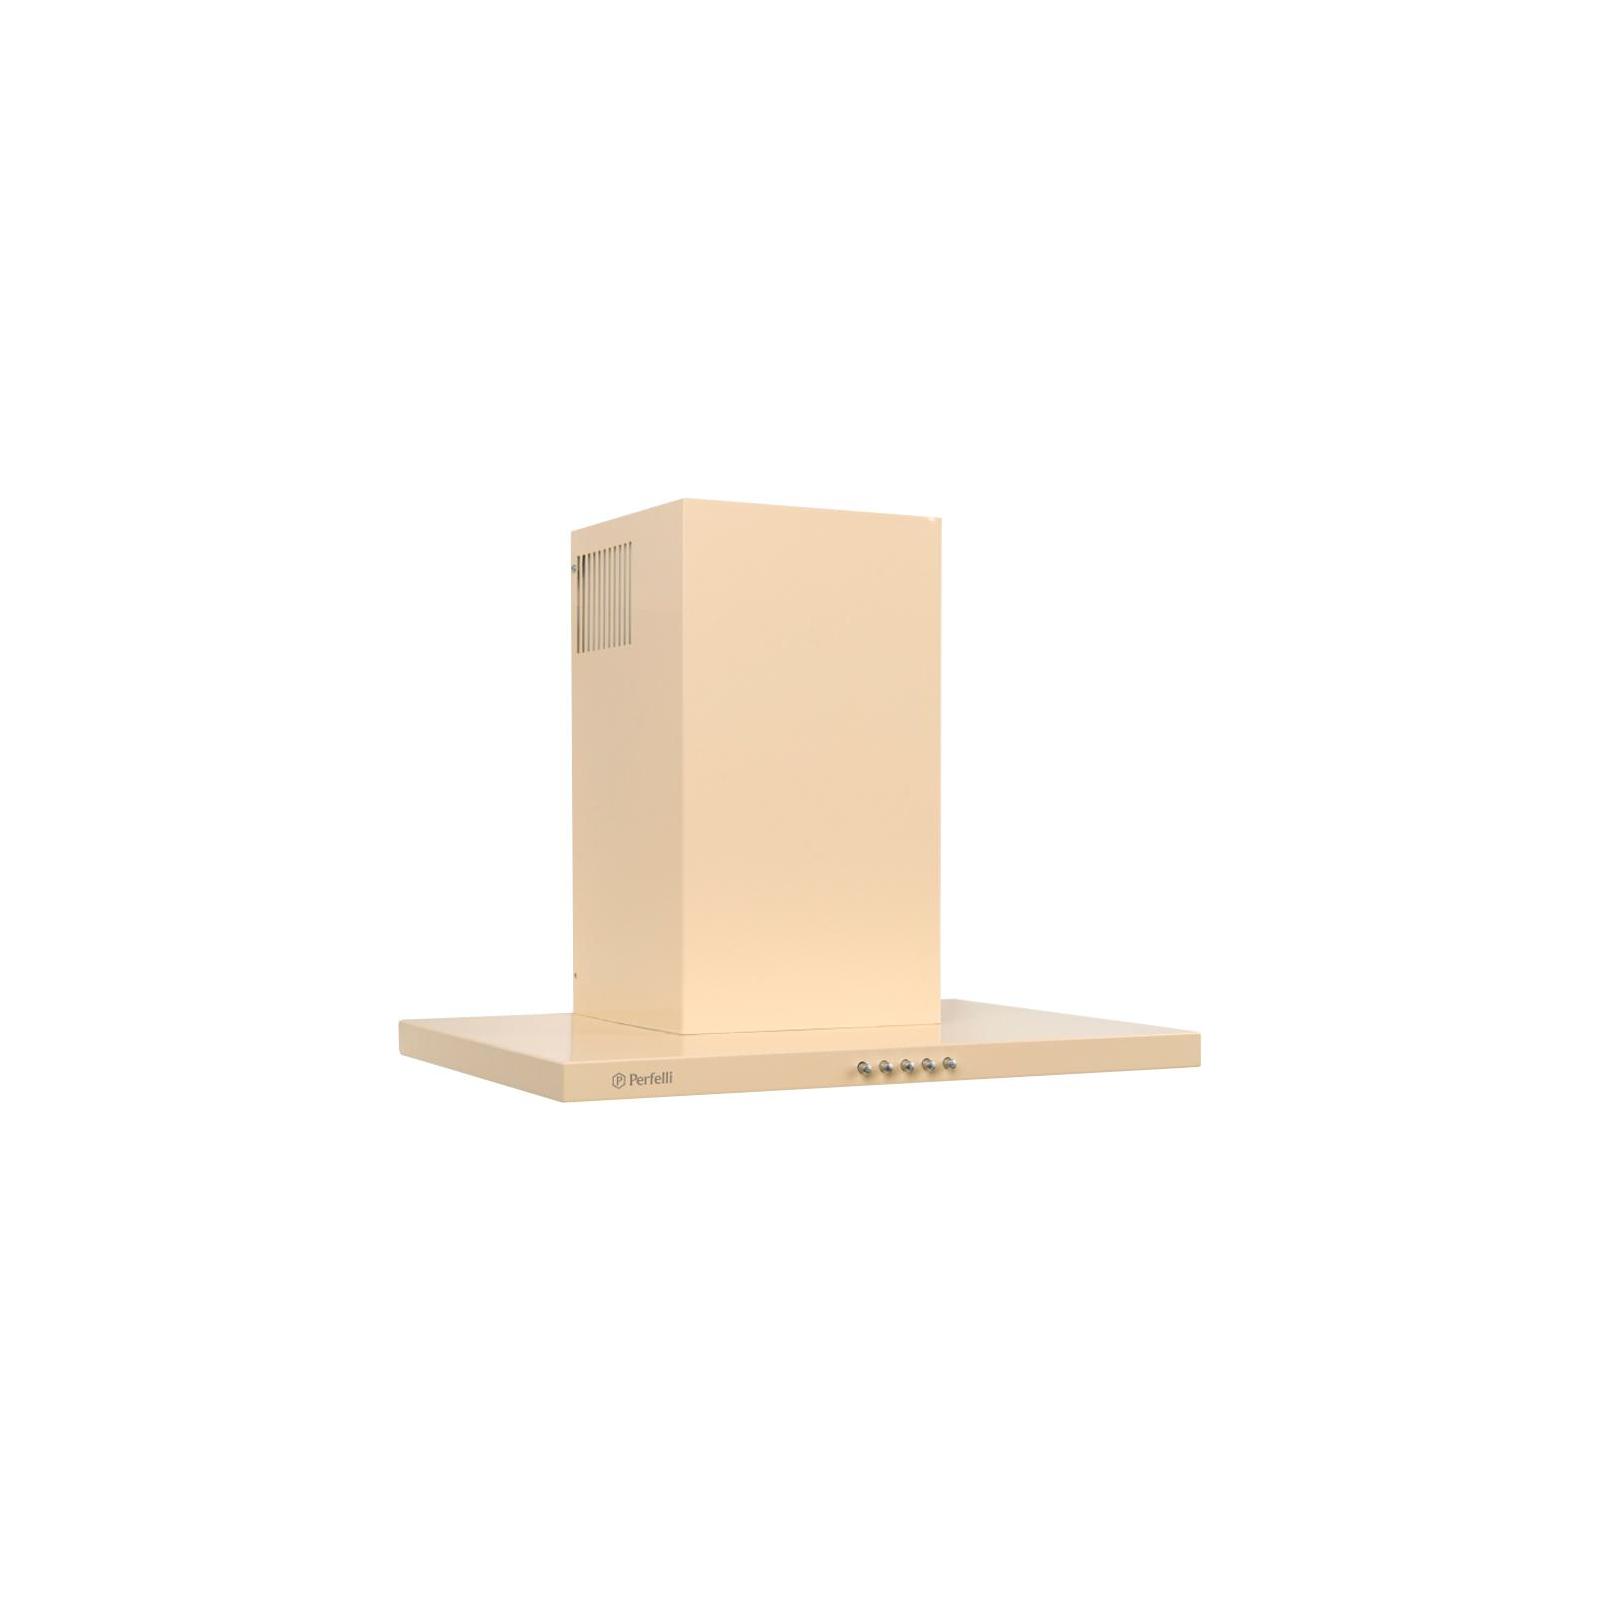 Вытяжка кухонная PERFELLI T 6612 A 1000 IV LED изображение 4